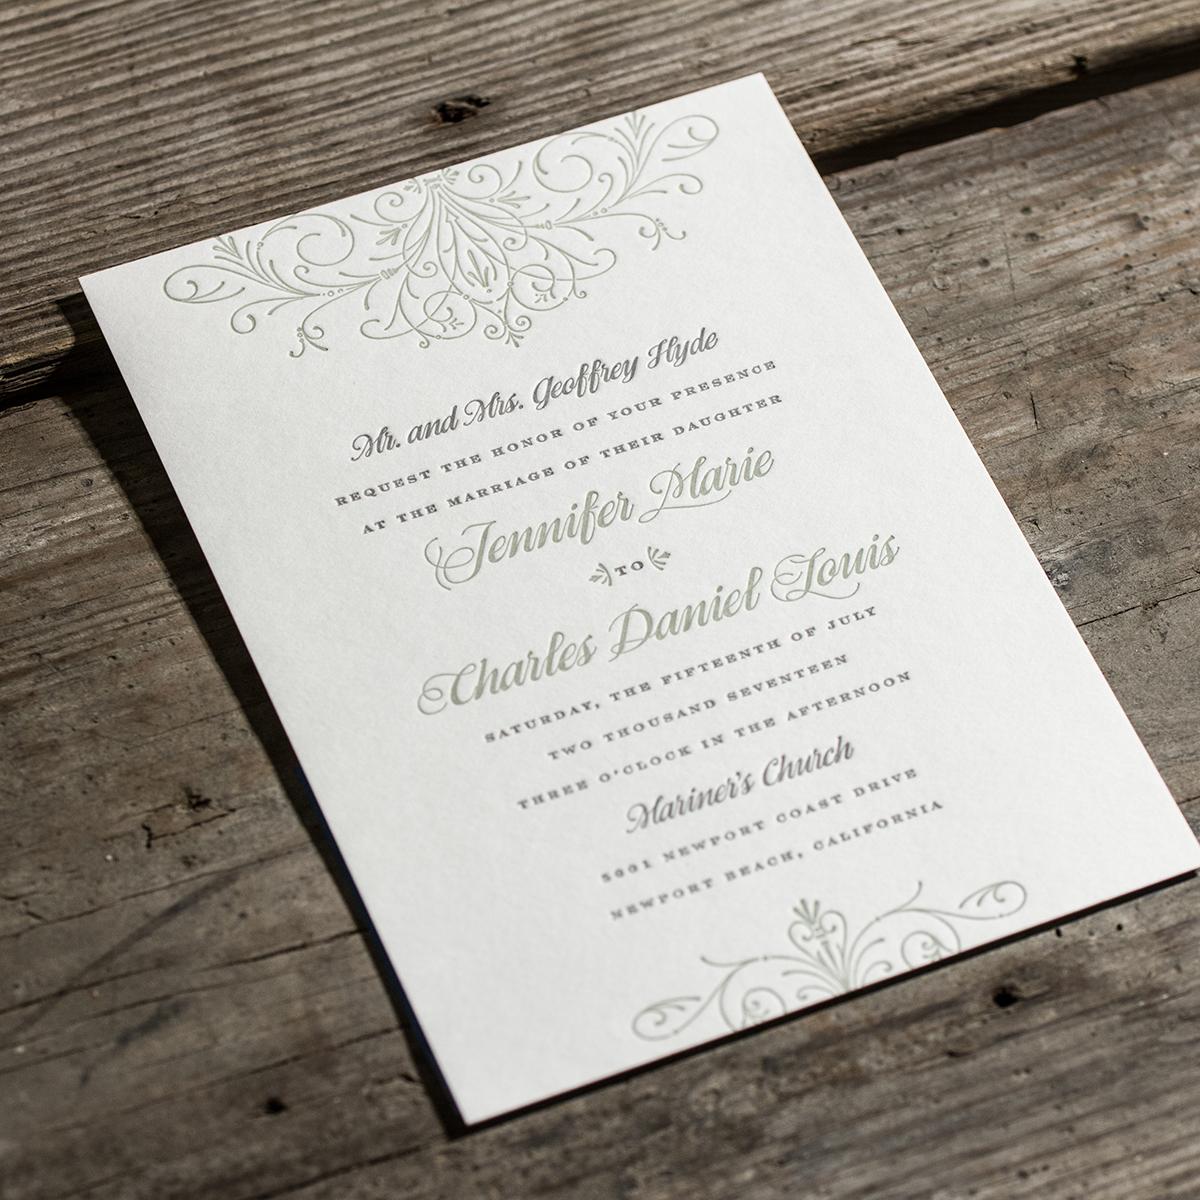 La Belle Papeterie - Morristown NJ Wedding Invitations - Services ...